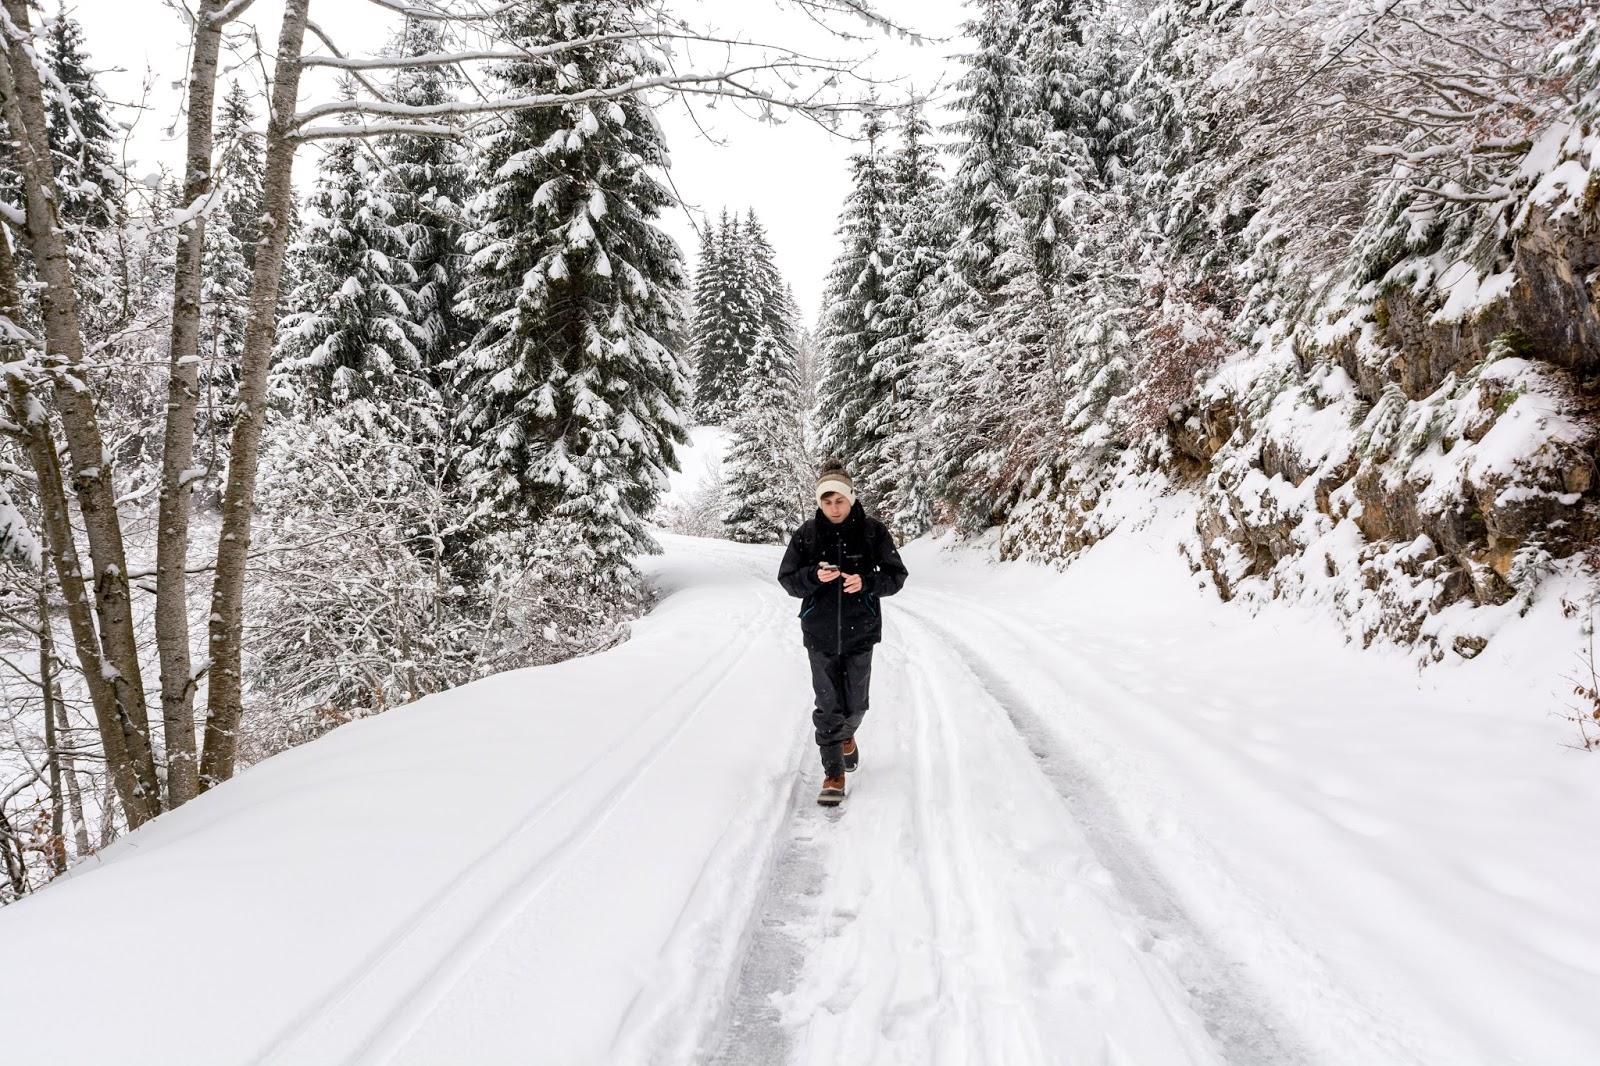 paysage, parc, Jura, hiver, rando, raquettes, neige, crêt, chalam